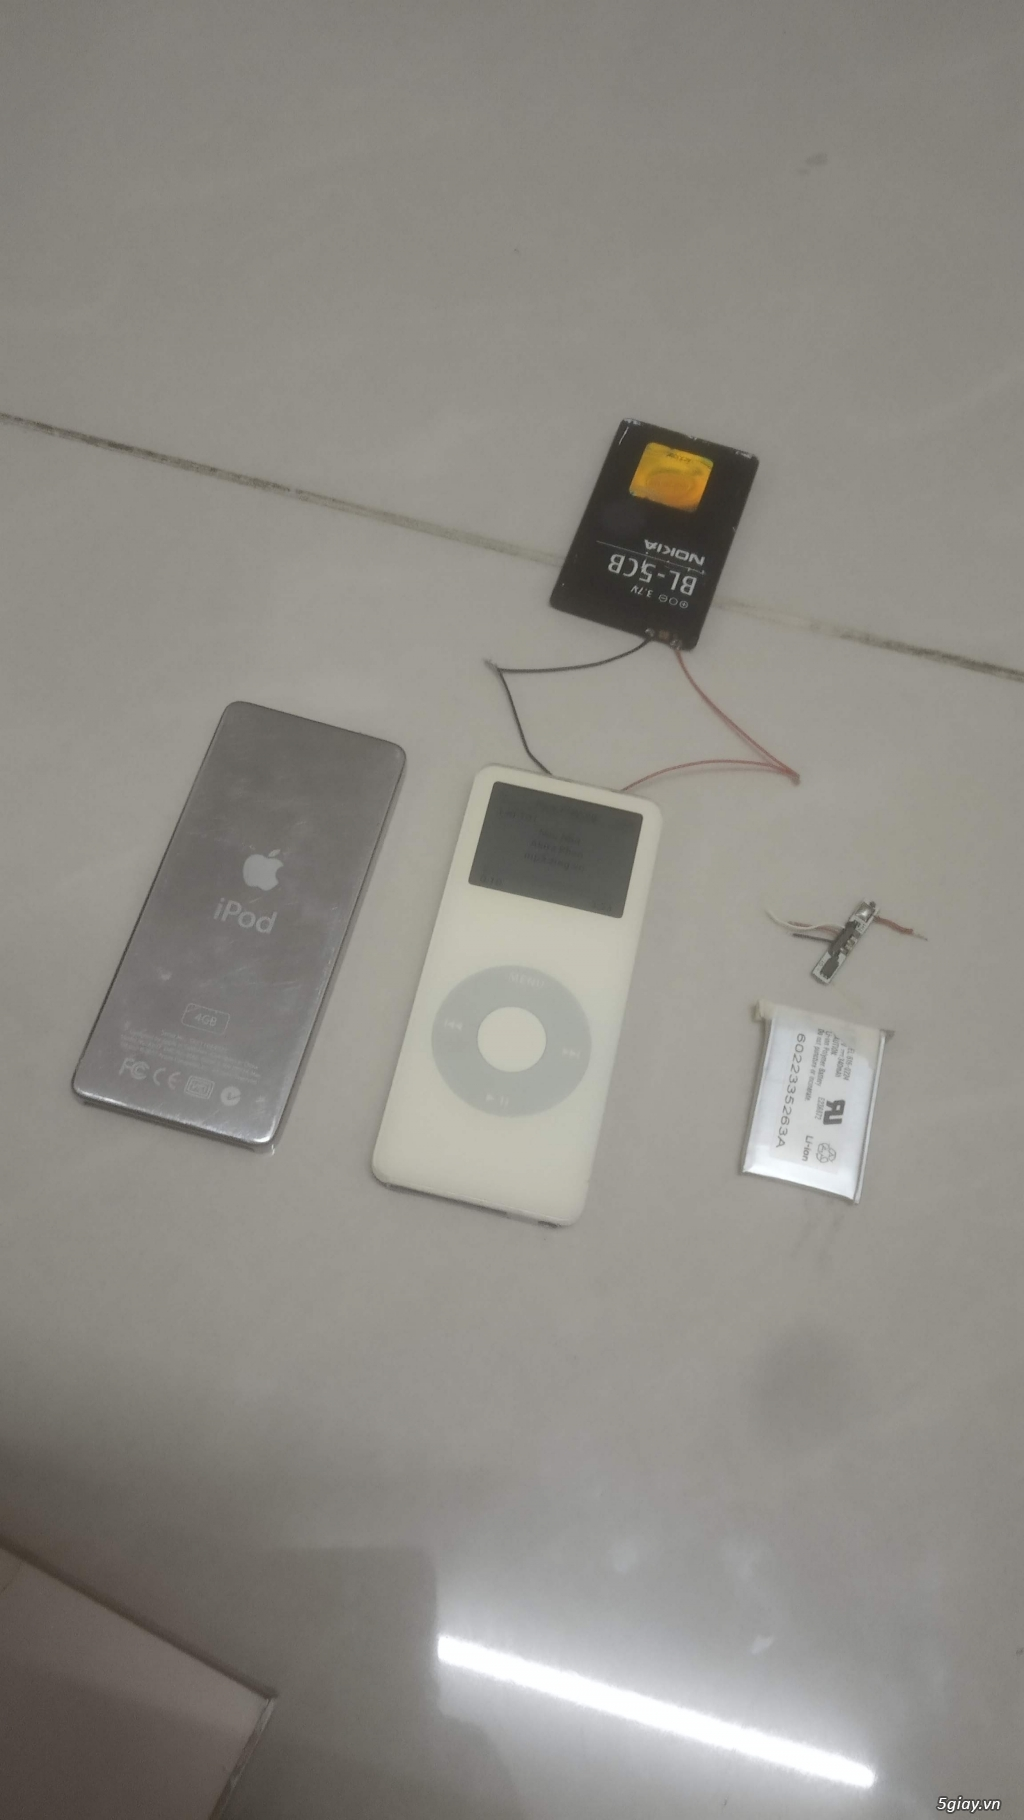 iPod nano gen 1 và tai bluetooth cho dân sưu tầm - 1